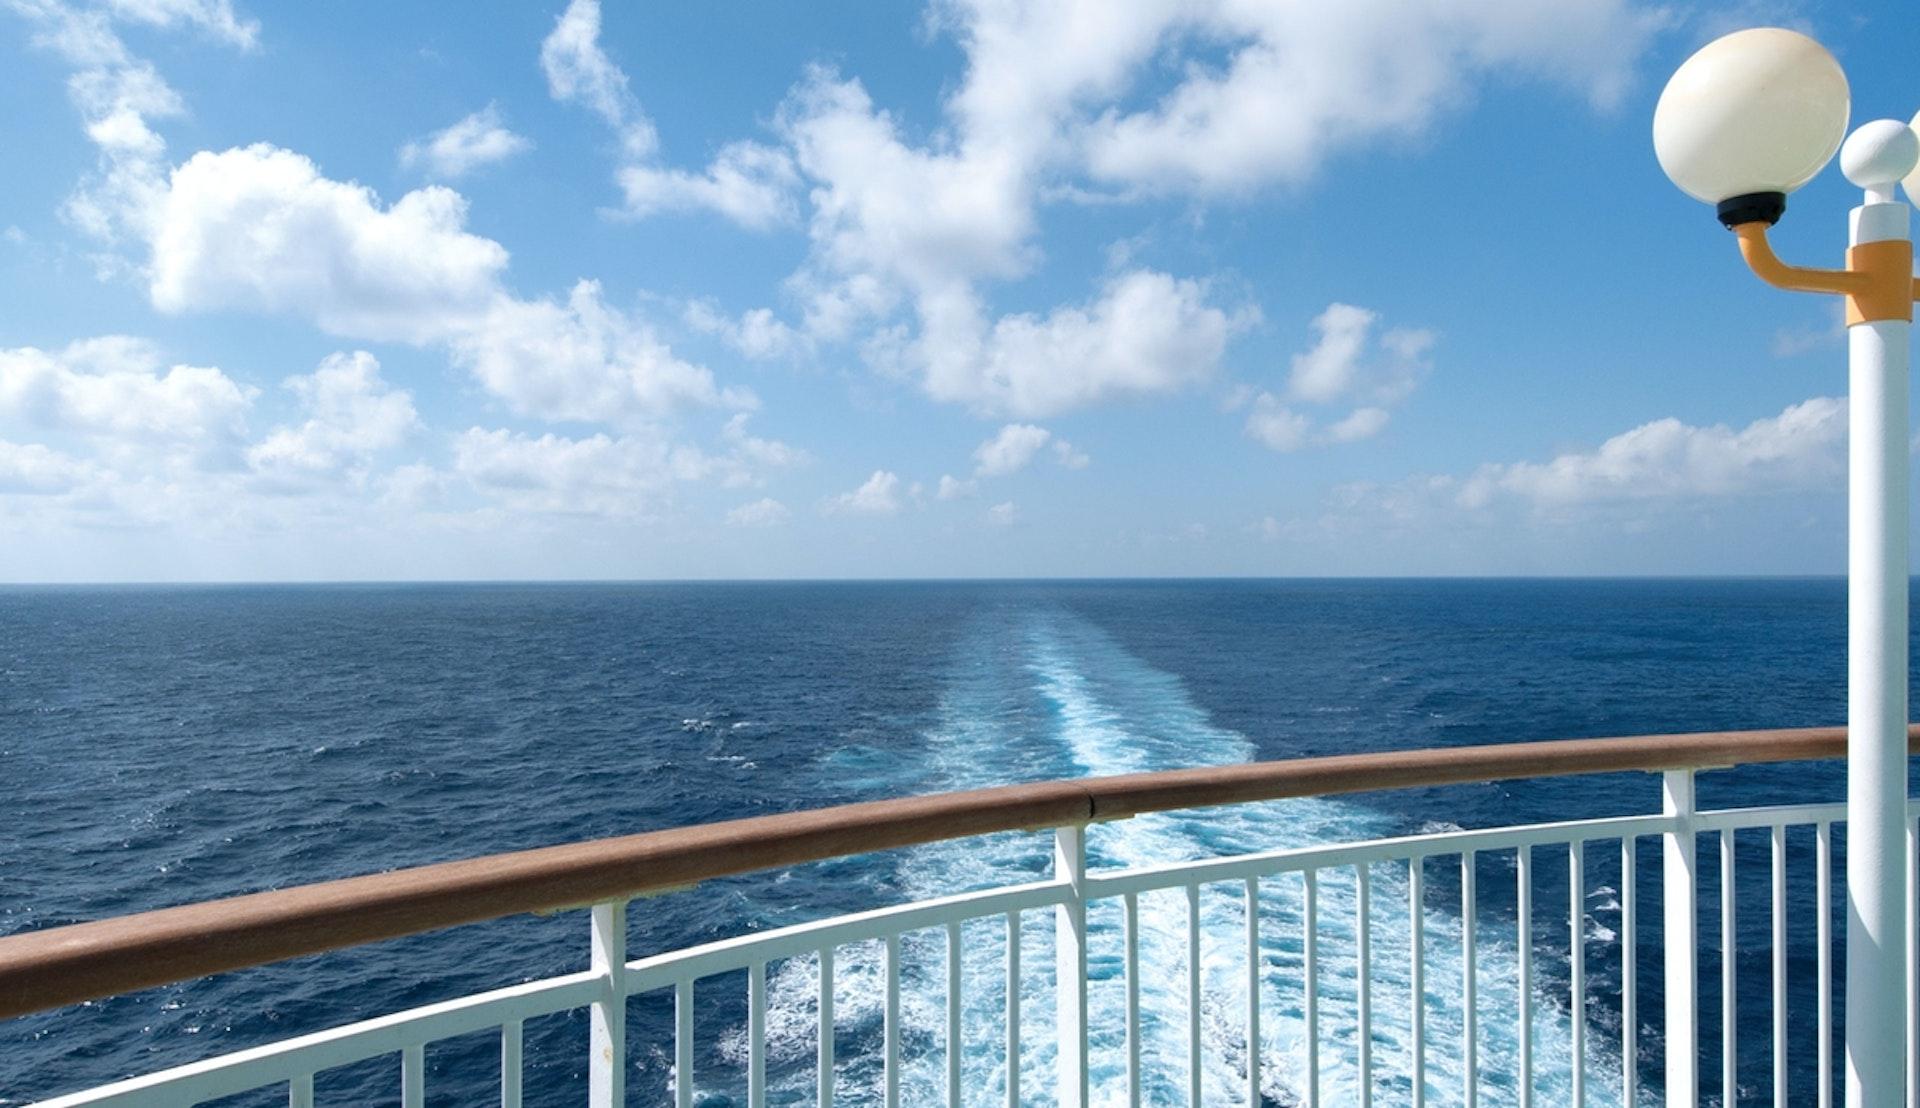 Kryssning från Venedig till Grekland med Norwegian Dawn